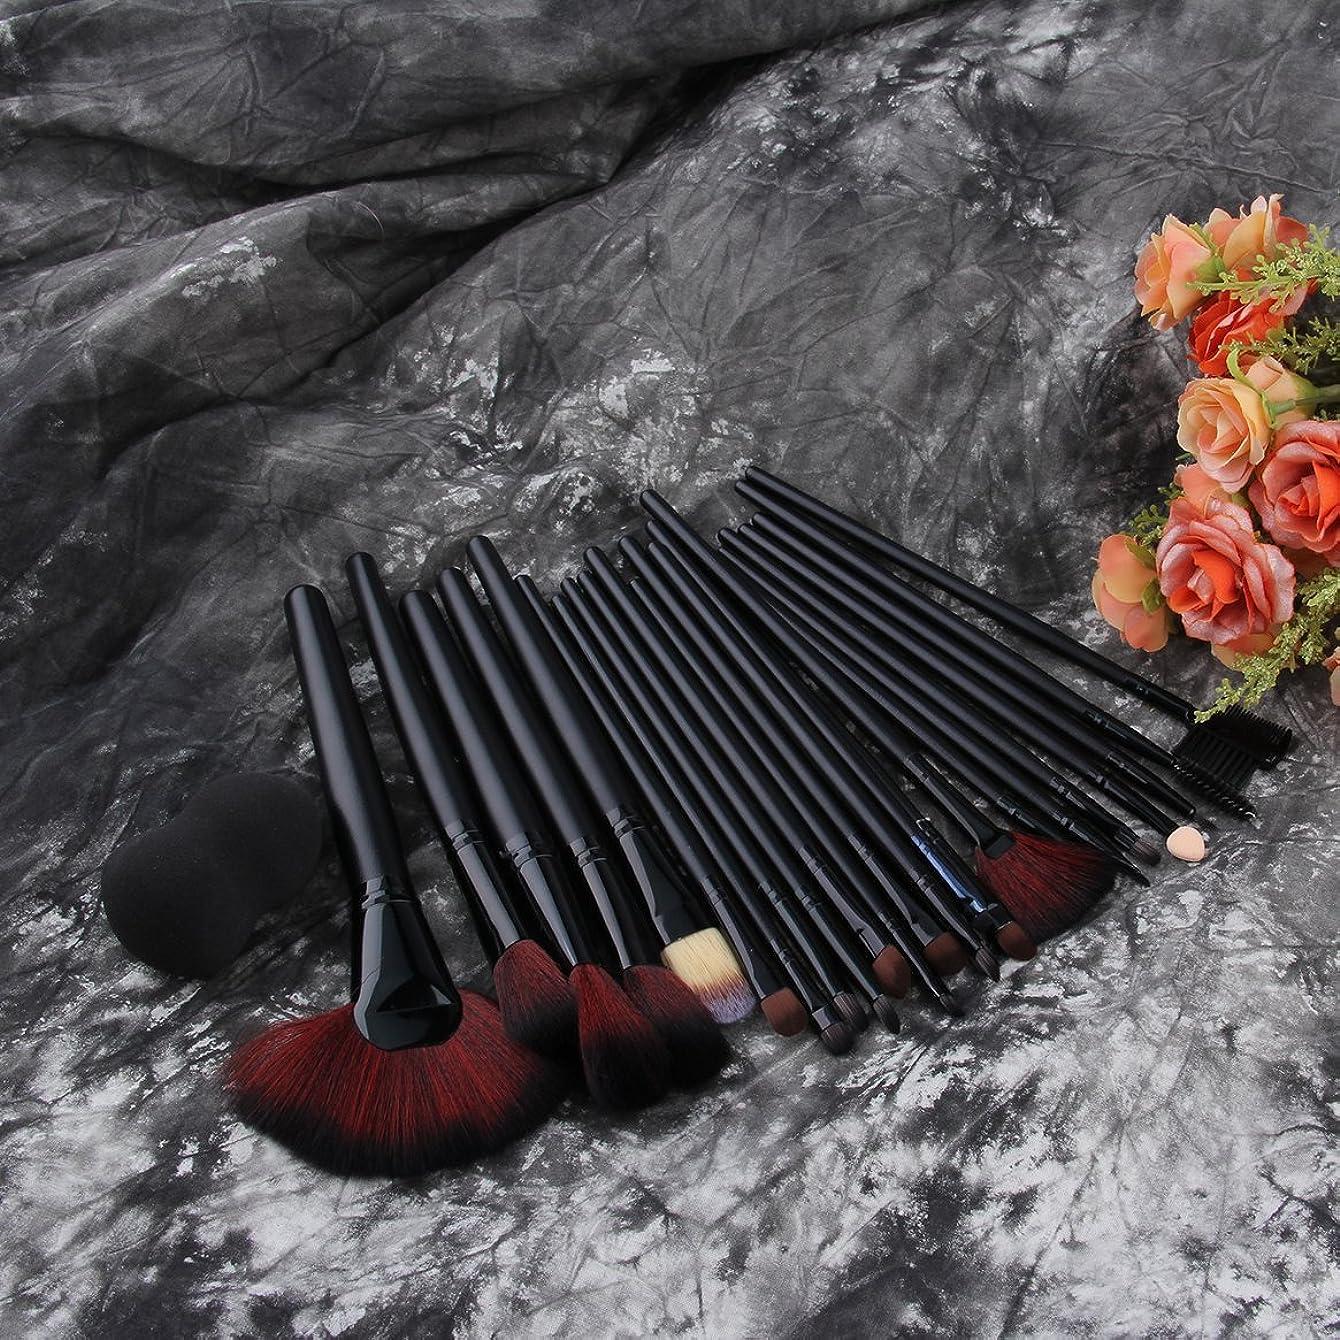 国民投票艶売上高女性の化粧品セット24個ソフトブラシでファンデーションパウダーアイシャドウブラシを作るプロのメイクアップツール(黒)